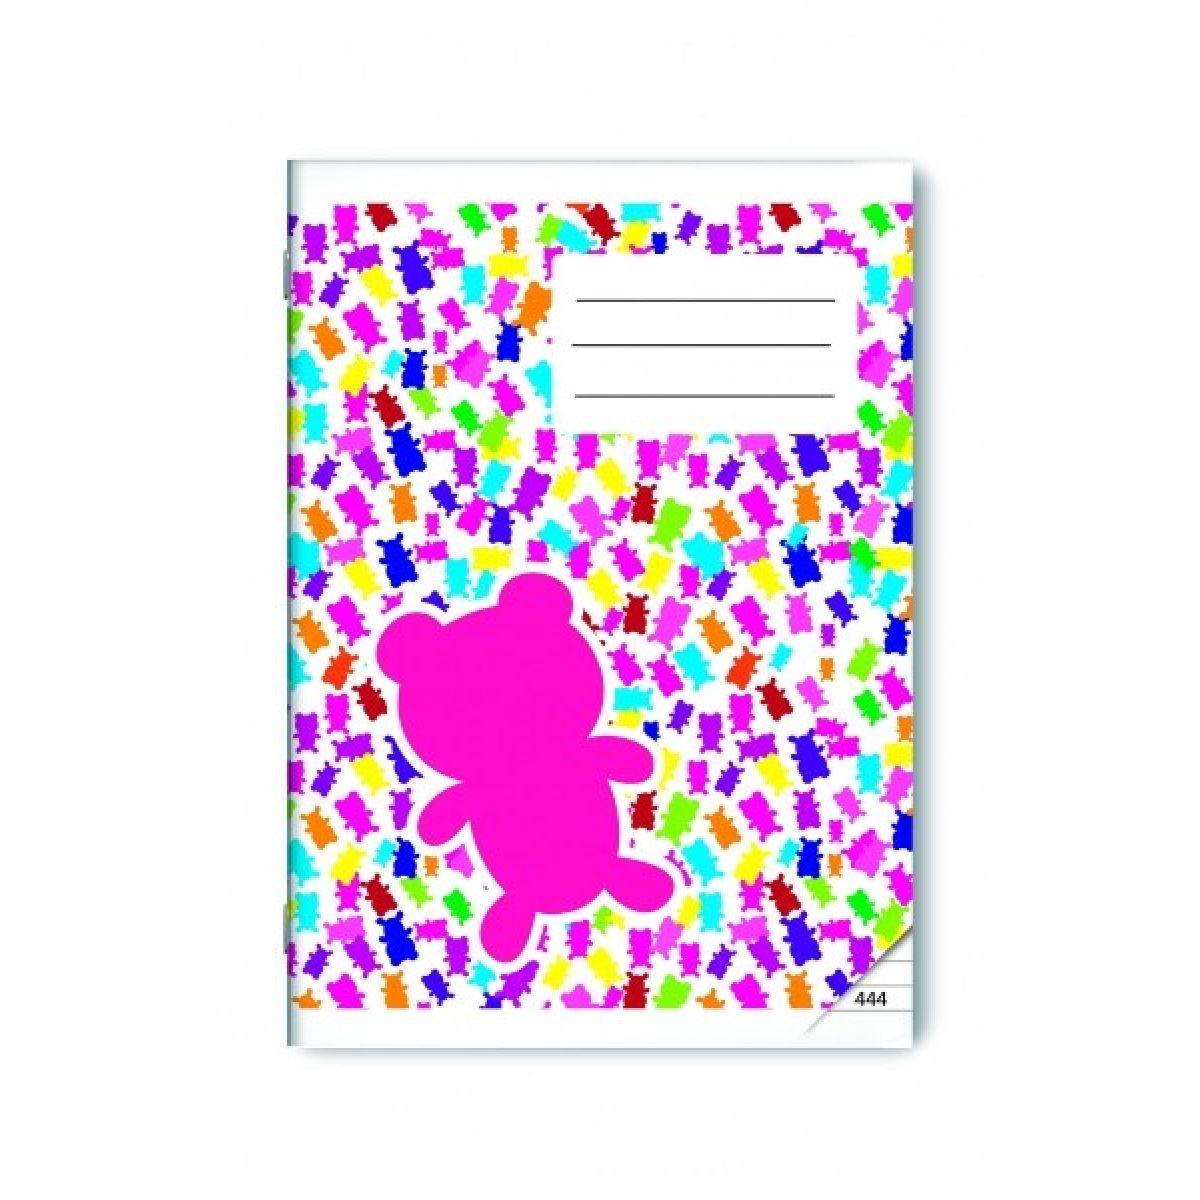 Bonaparte Sešit A4 444 Gummy Bears, 40 listů linkovaný